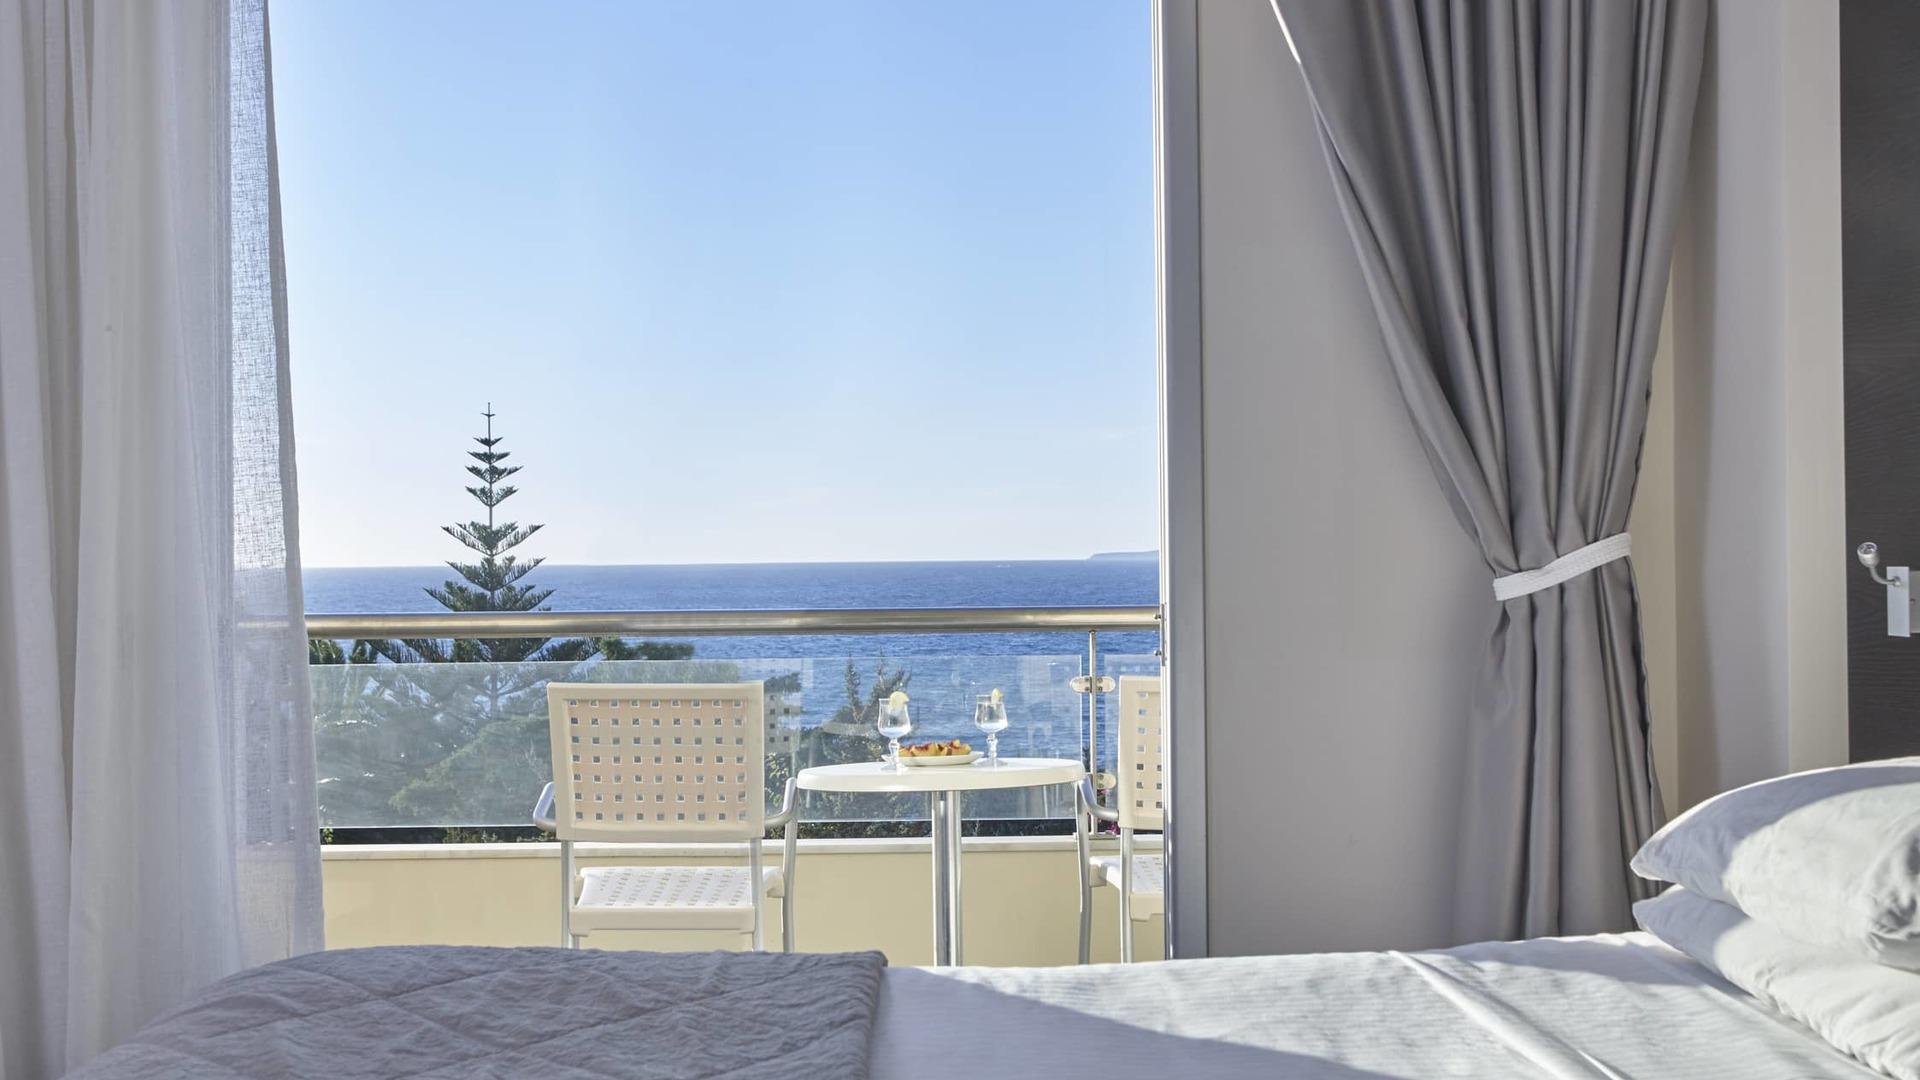 прикаспийской степи, фото отеля и пляжа аммос резорт кос уфе представляют